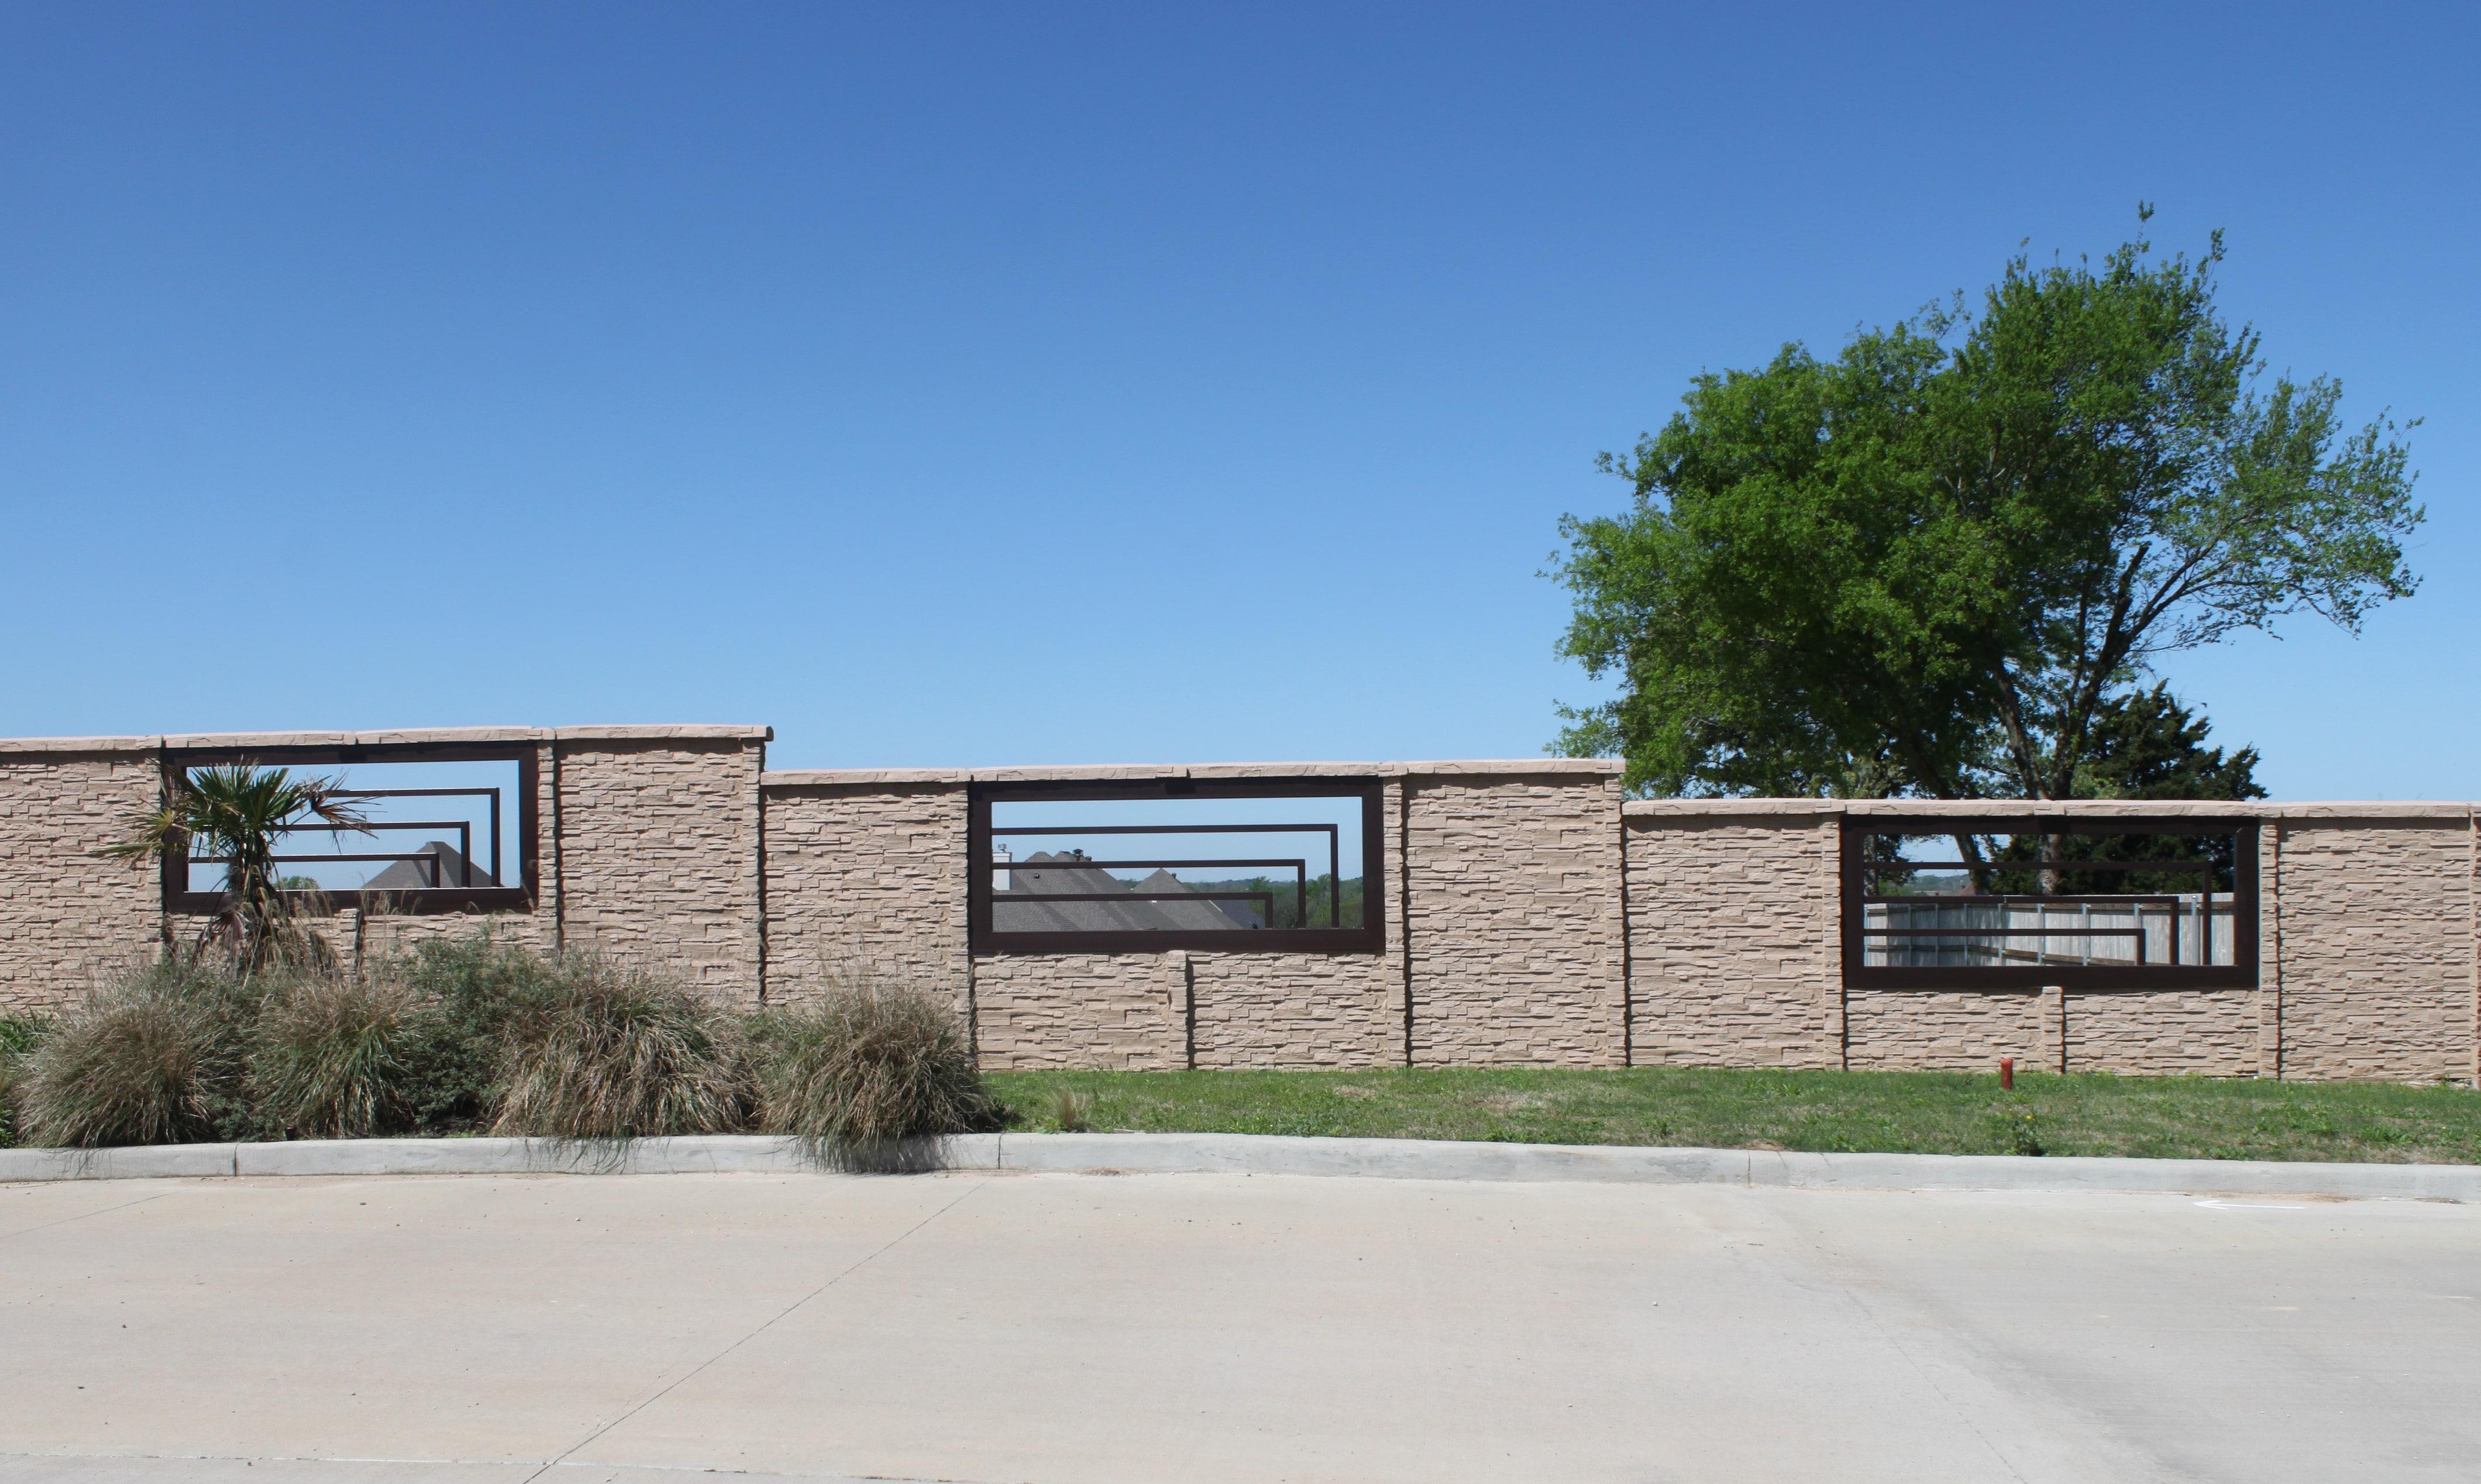 precast concrete fence system